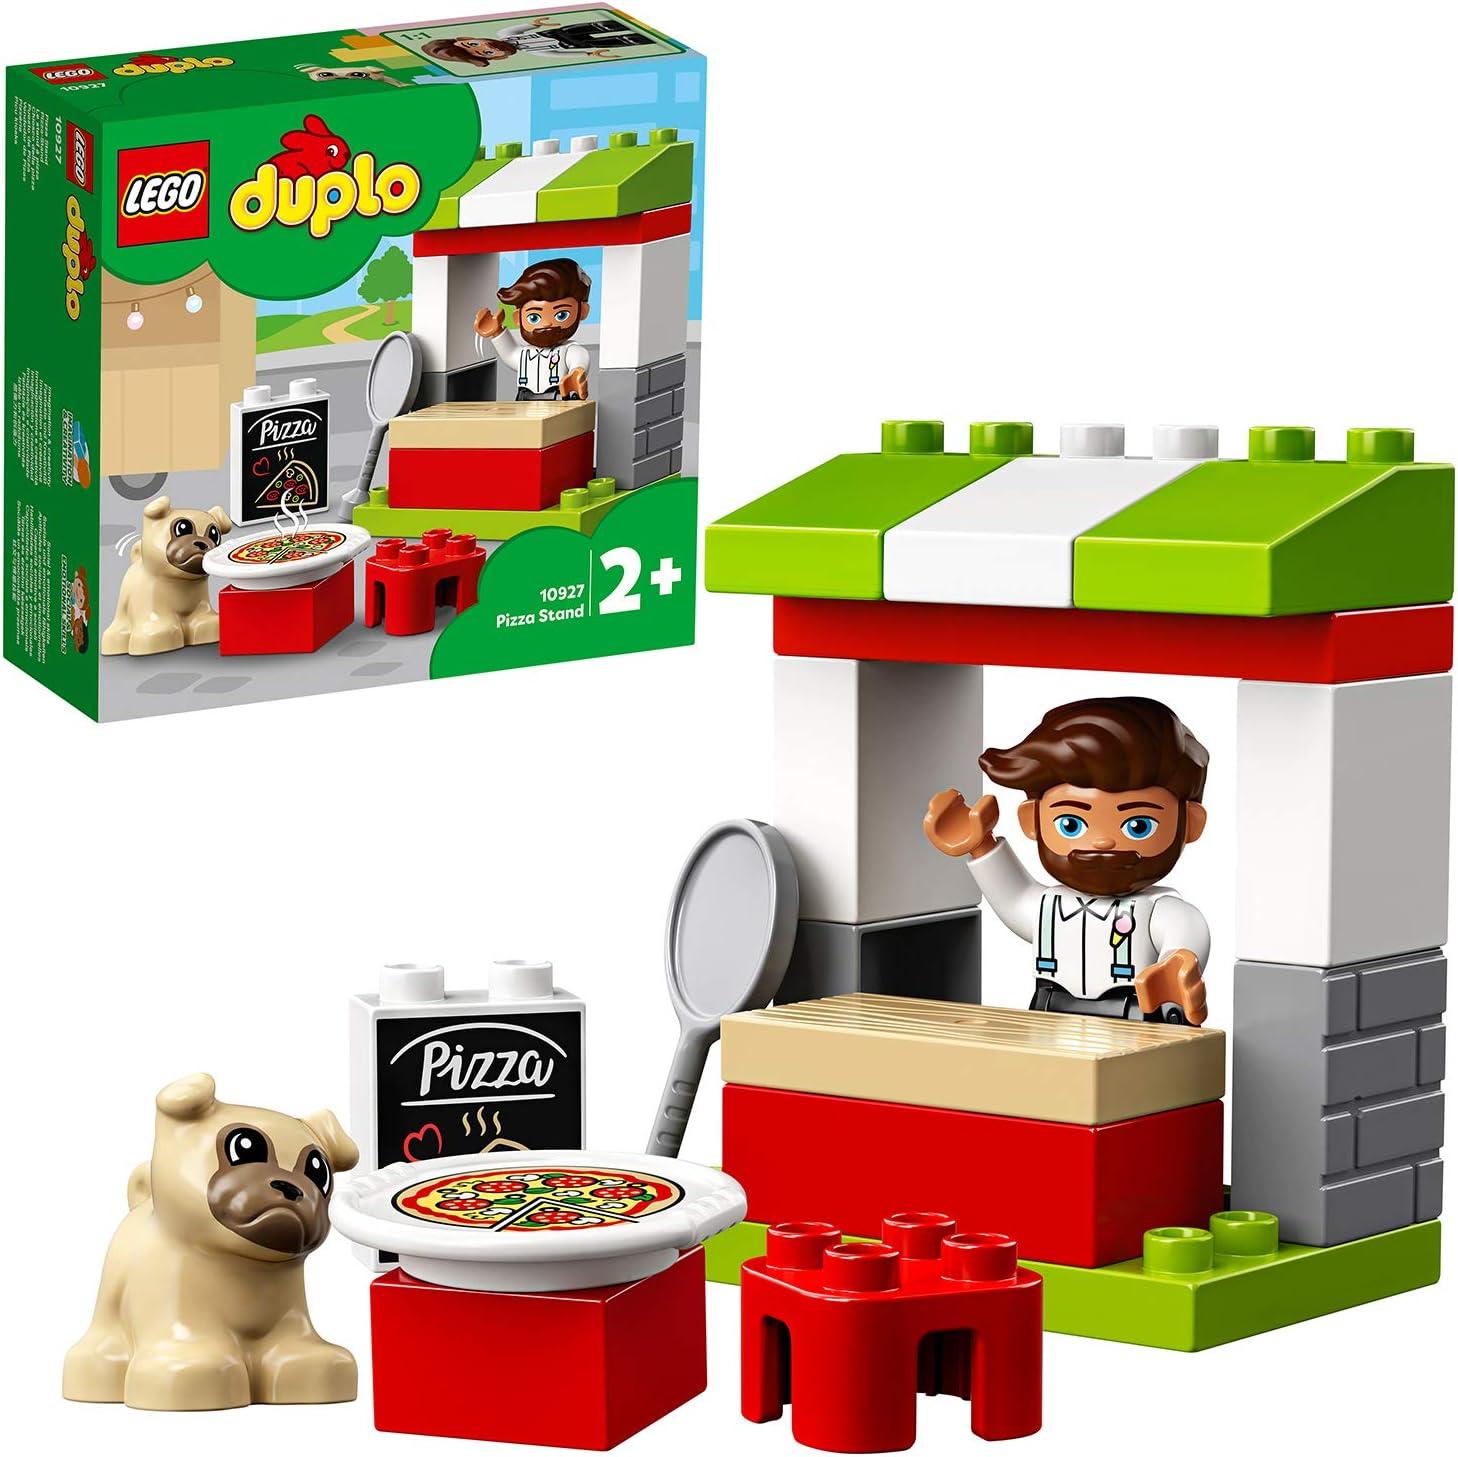 LEGO DUPLO Town - Puesto de Pizza, Set de Construcción con Perro y Pizza de Juguete, Juego con Ladrillos Grandes para Niños y Niñas a Partir de 2 Años (10927): Amazon.es: Juguetes